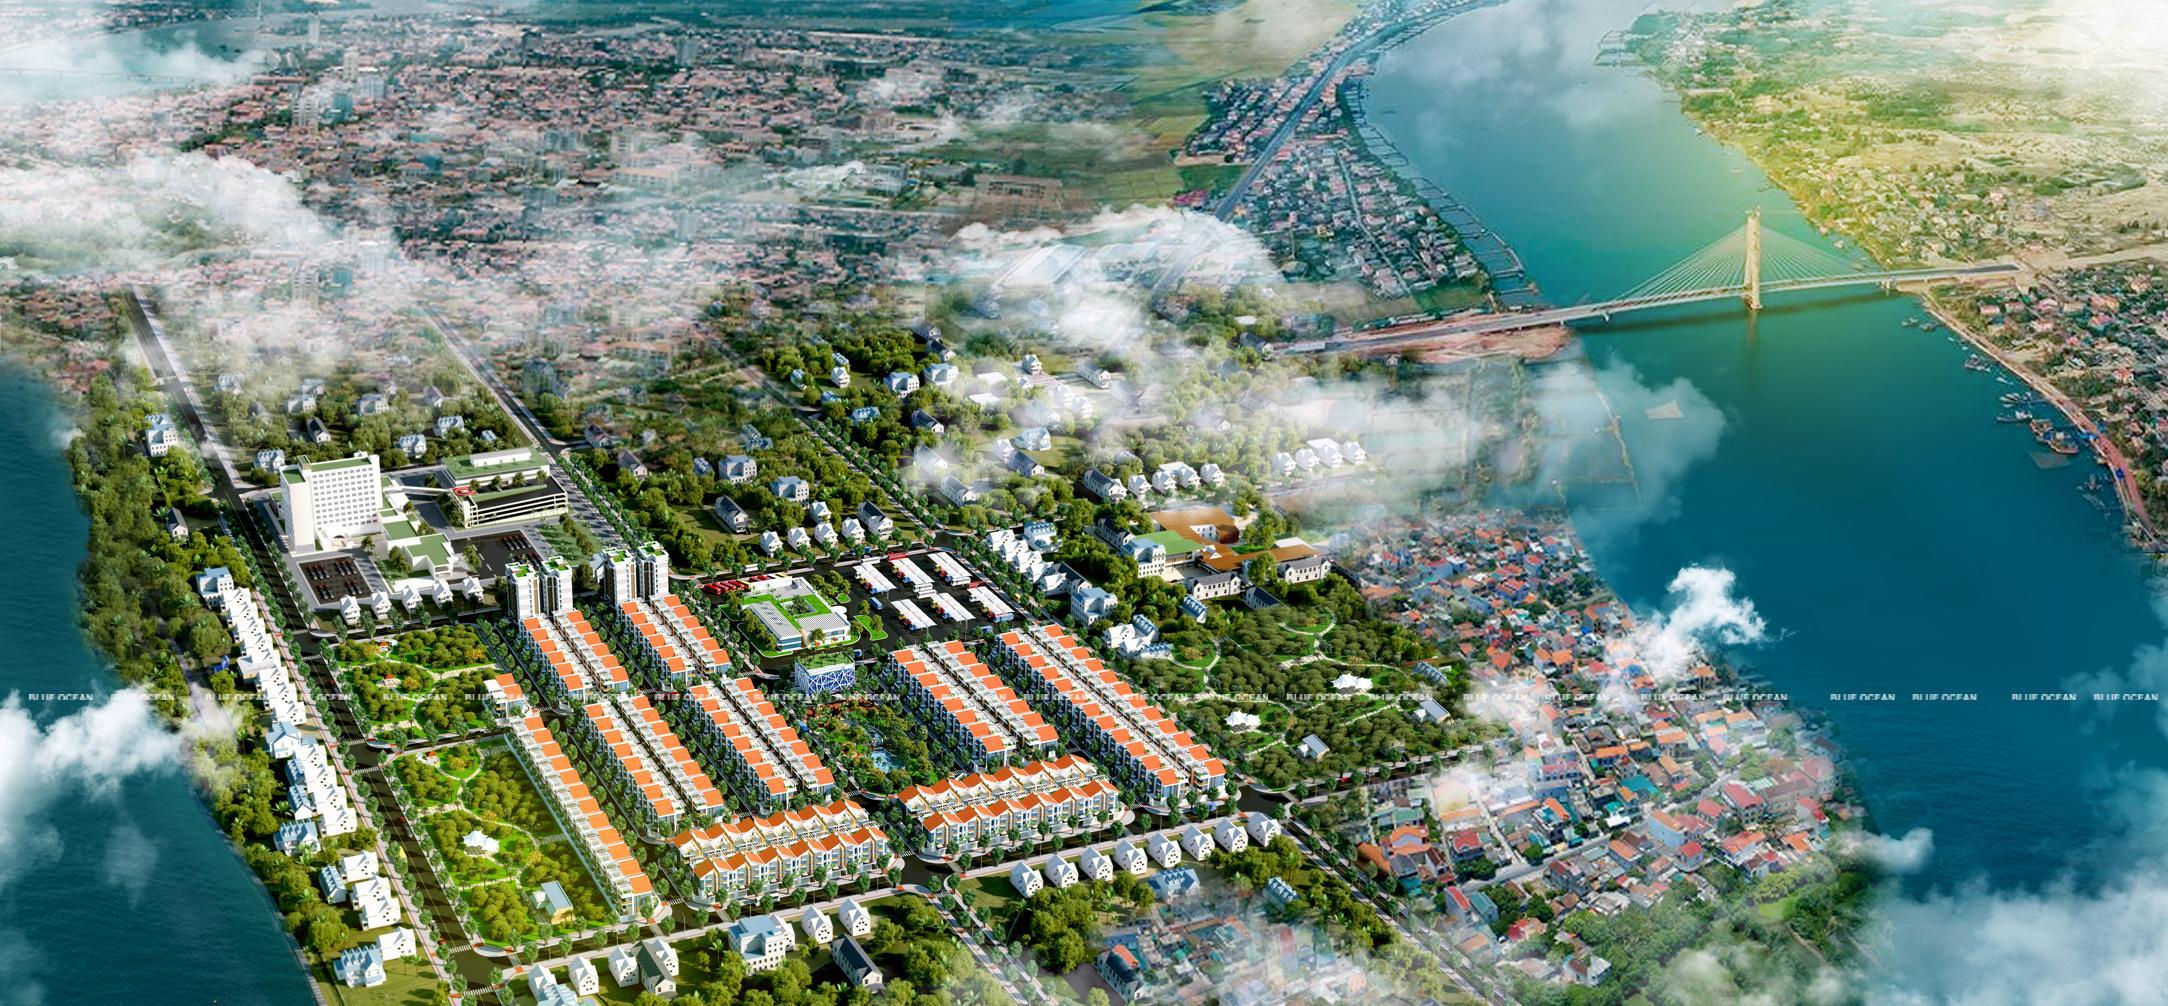 Quảng Bình: Điểm thu hút tỷ đô đầu tư kinh tế giai đoạn 2019-2020